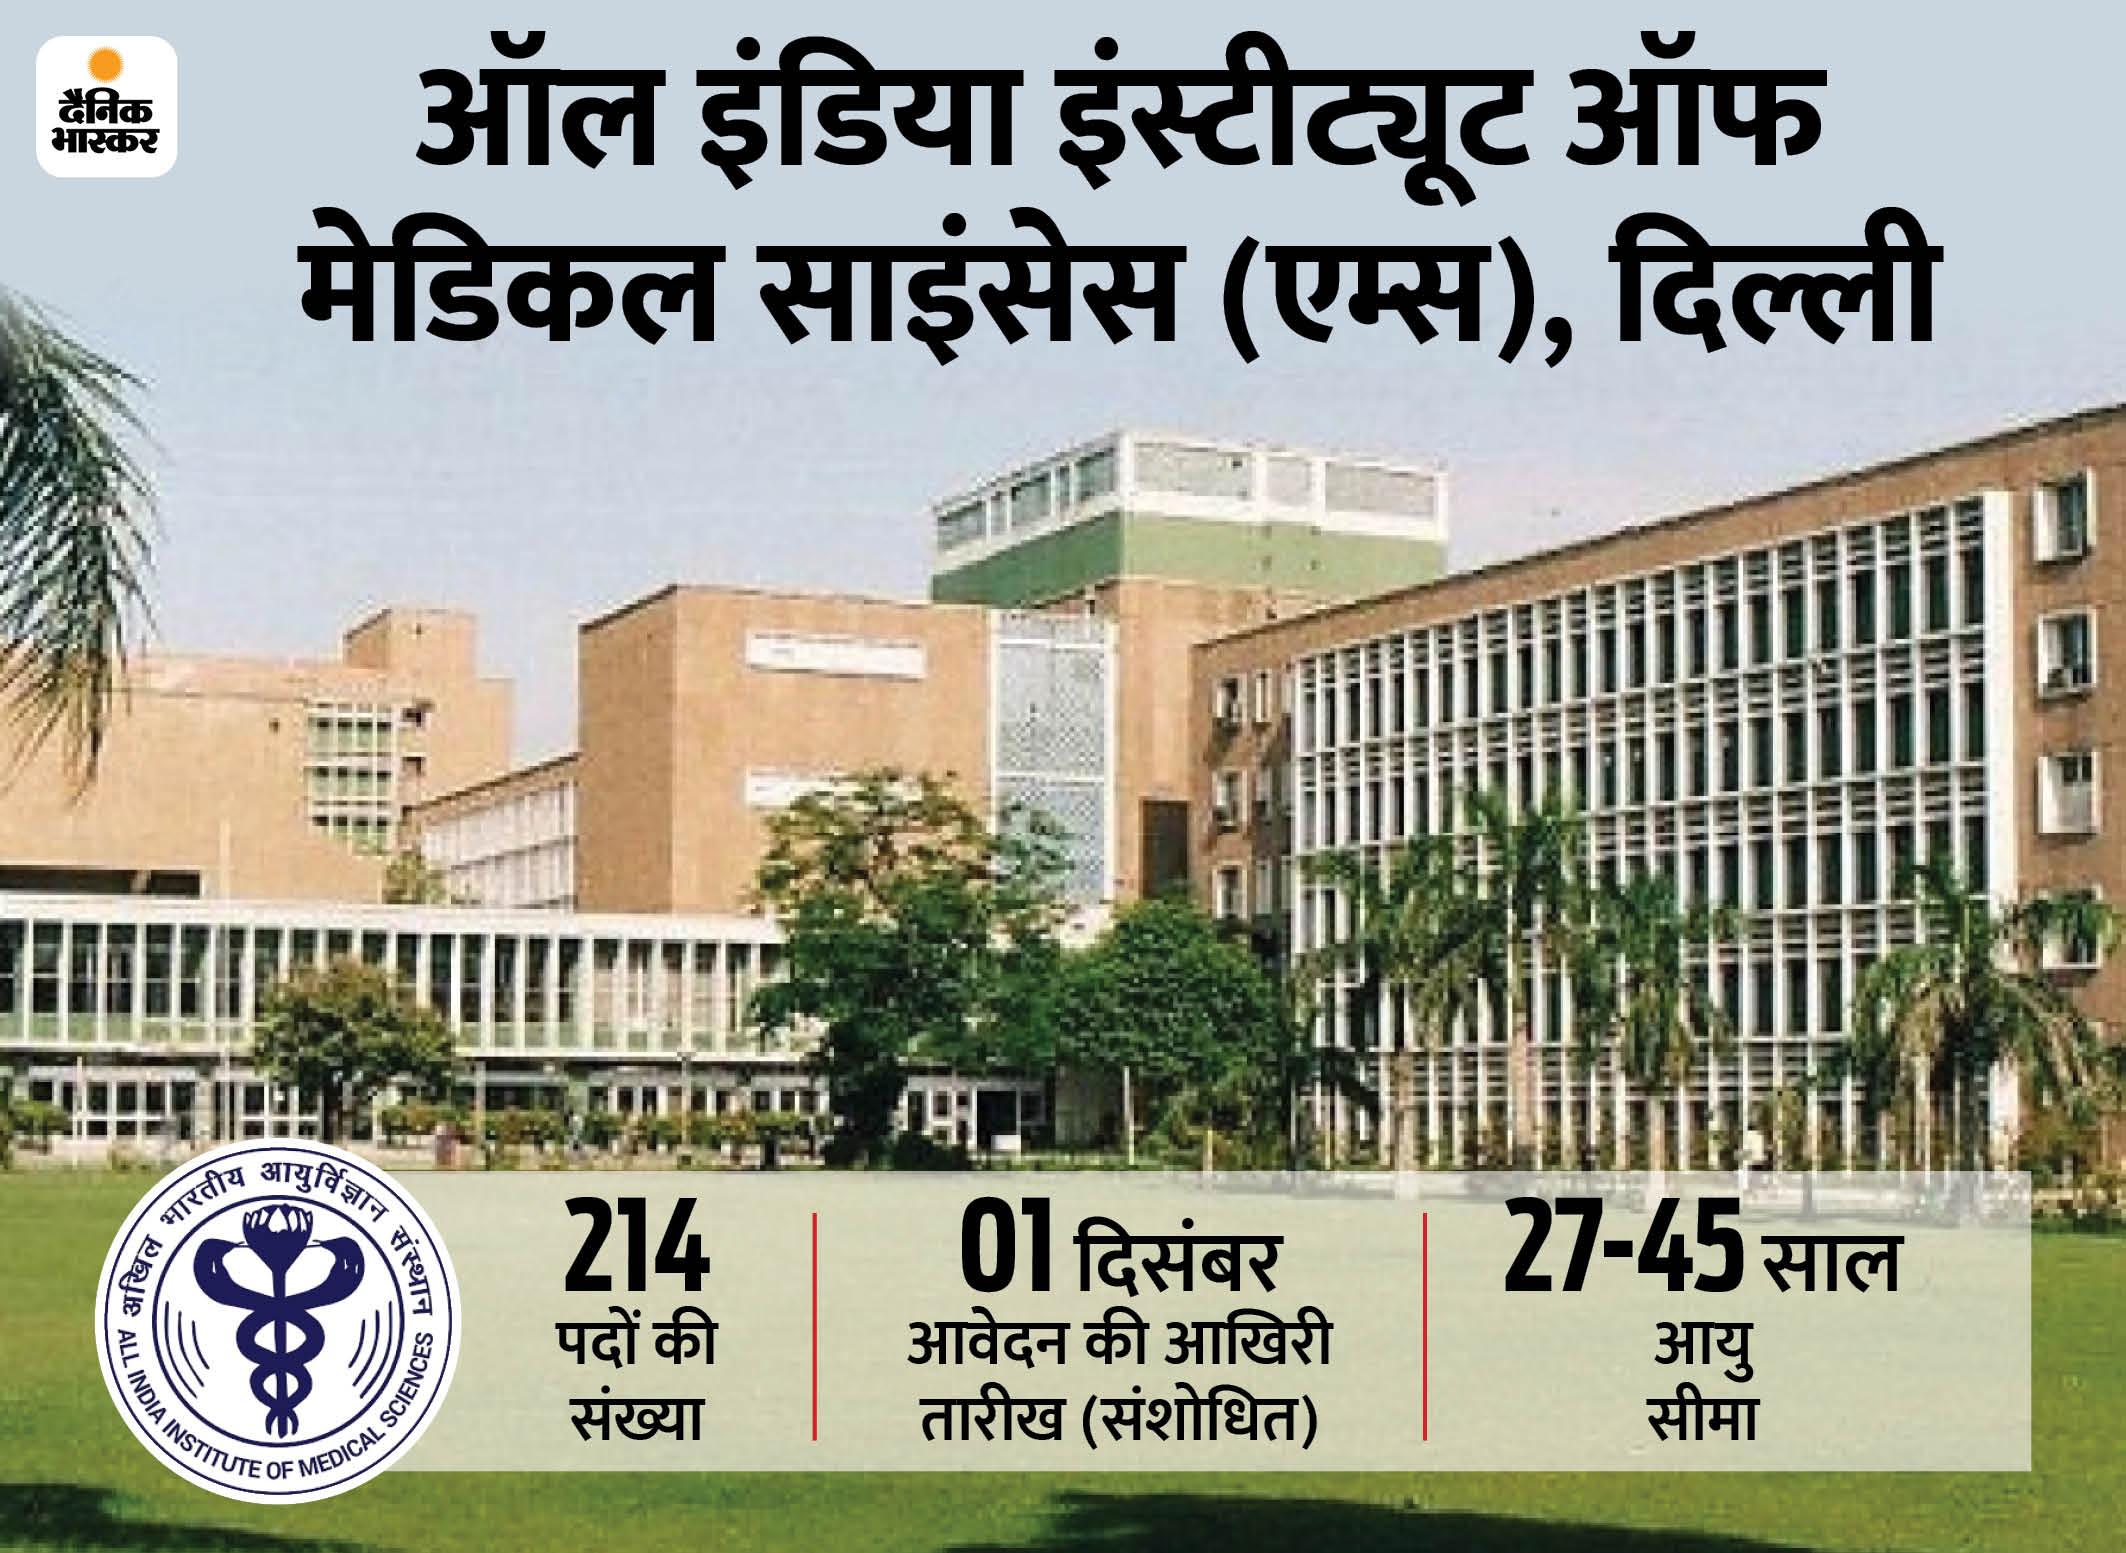 एम्स दिल्ली ने 214 पदों पर भर्ती के लिए बढ़ाई आवेदन की आखिरी तारीख, अब 1 दिसंबर तक ऑनलाइन अप्लाय कर सकते हैं कैंडिडेट्स